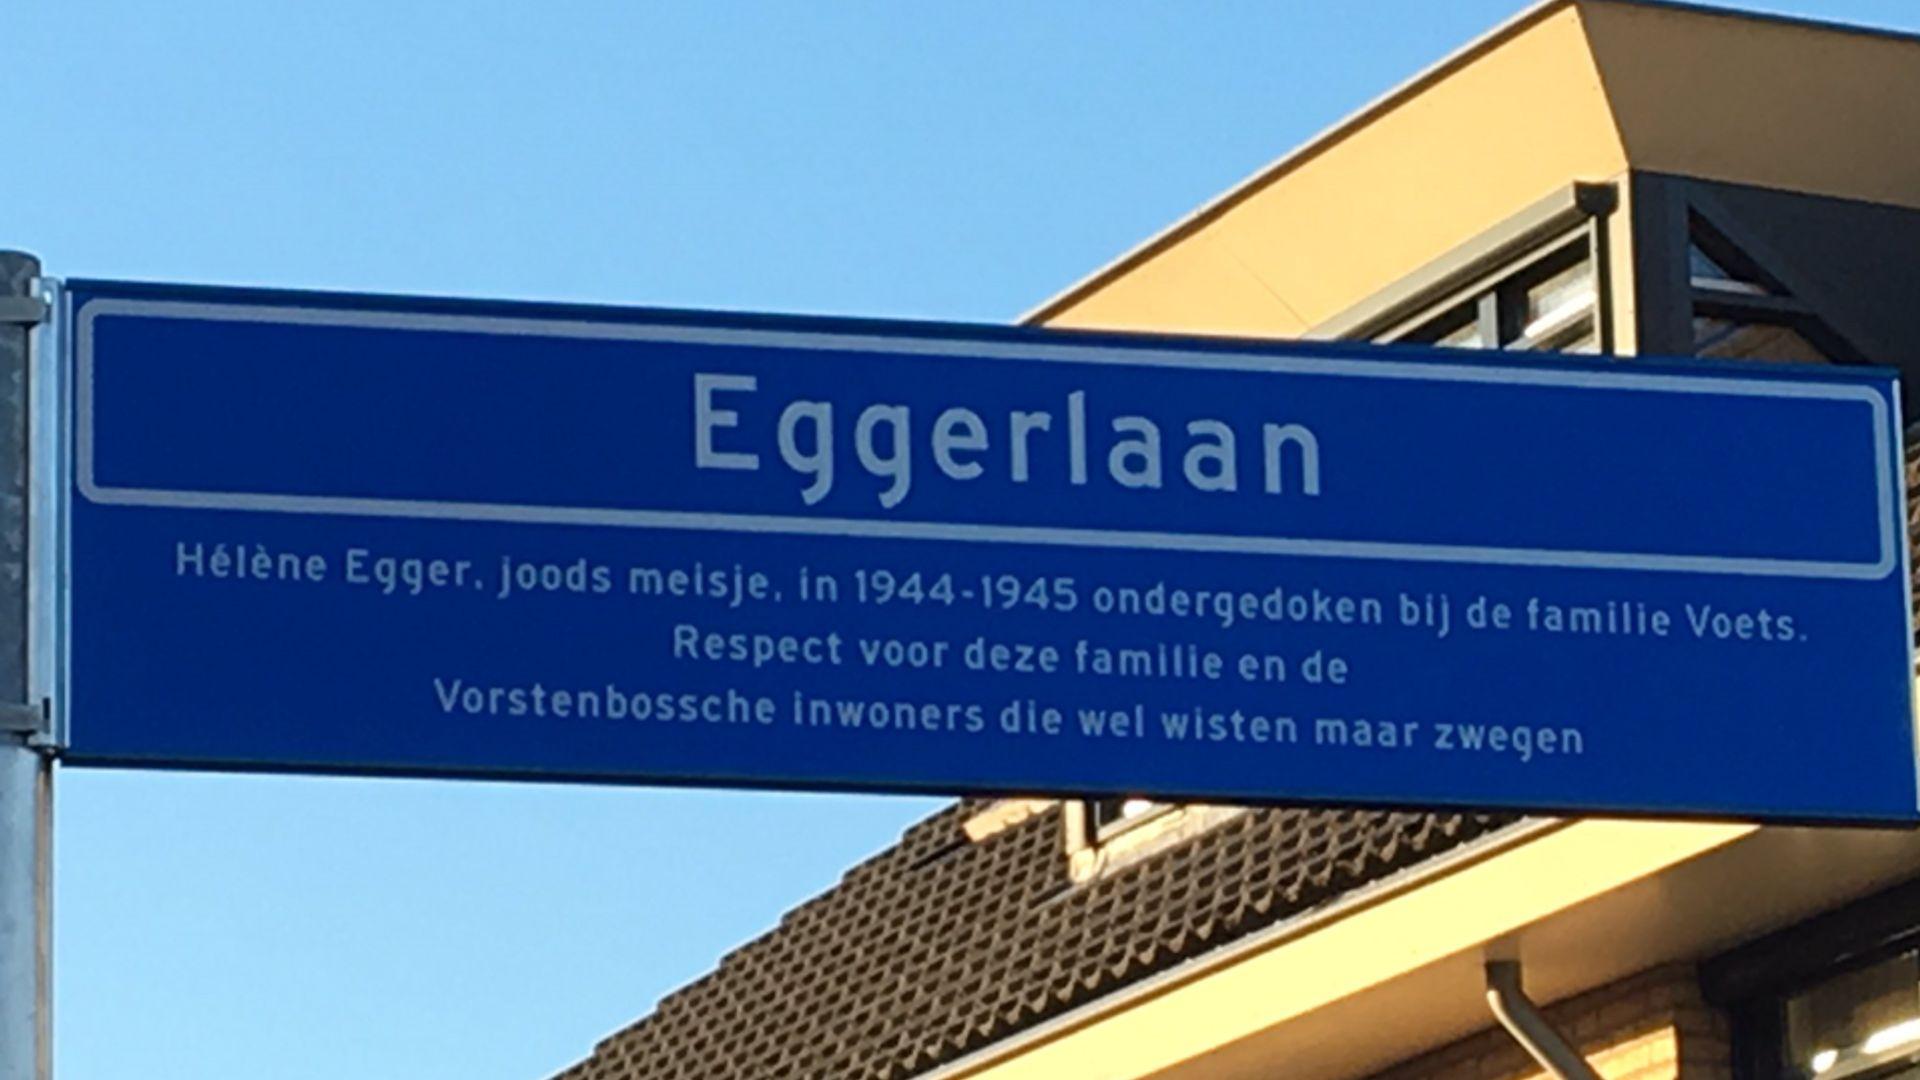 243510_eggerlaan_1.png